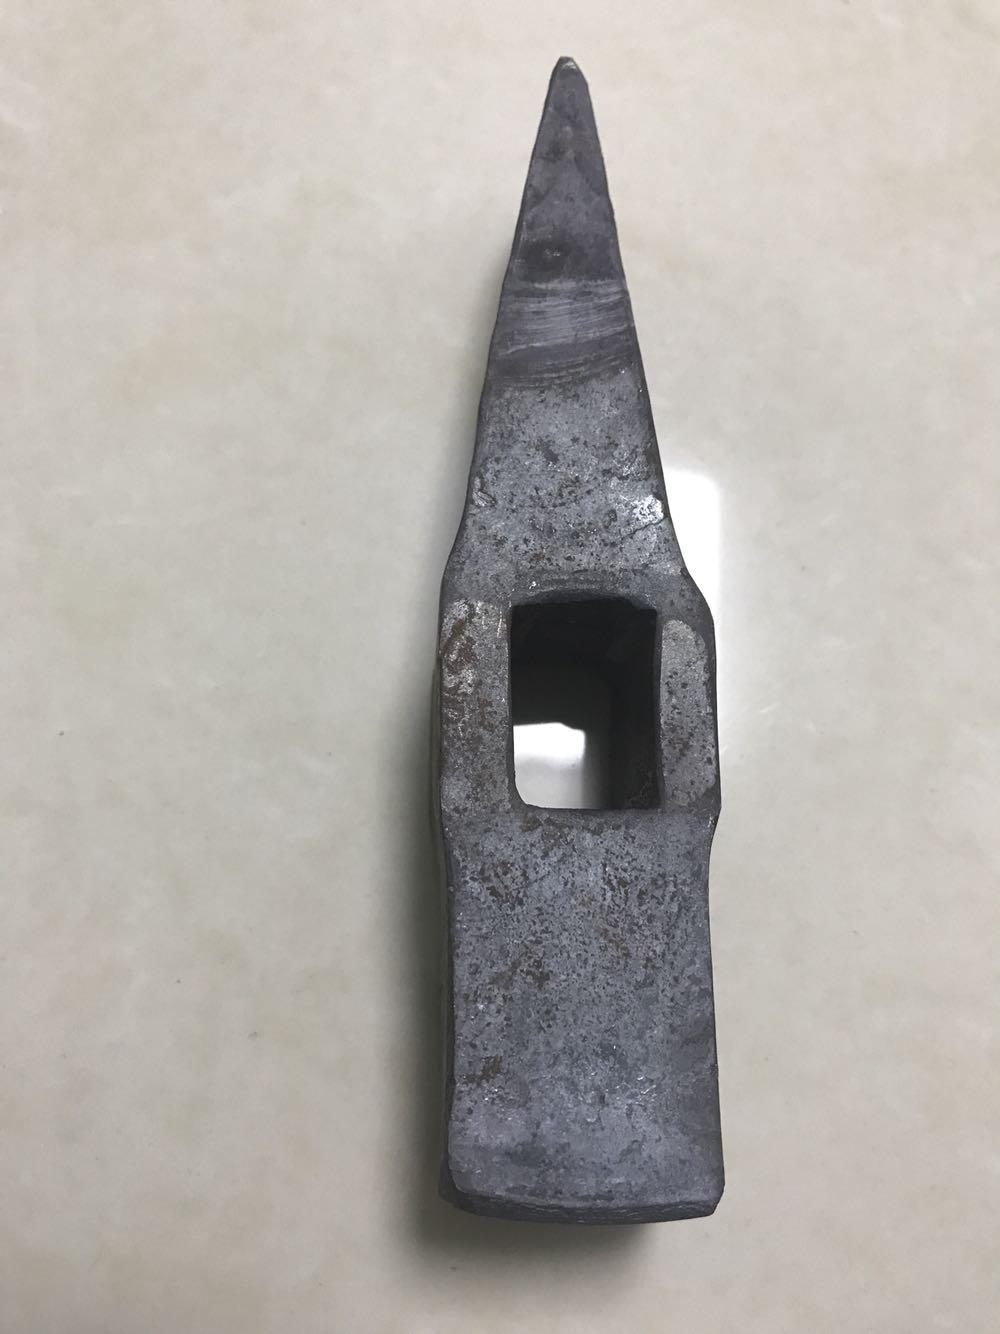 В этом году новая коллекция Завод прямой 剁 топор 剁 проволочный разрез для Топор Hammer Mining Ax Ax Axle Axle 75 # Сталь